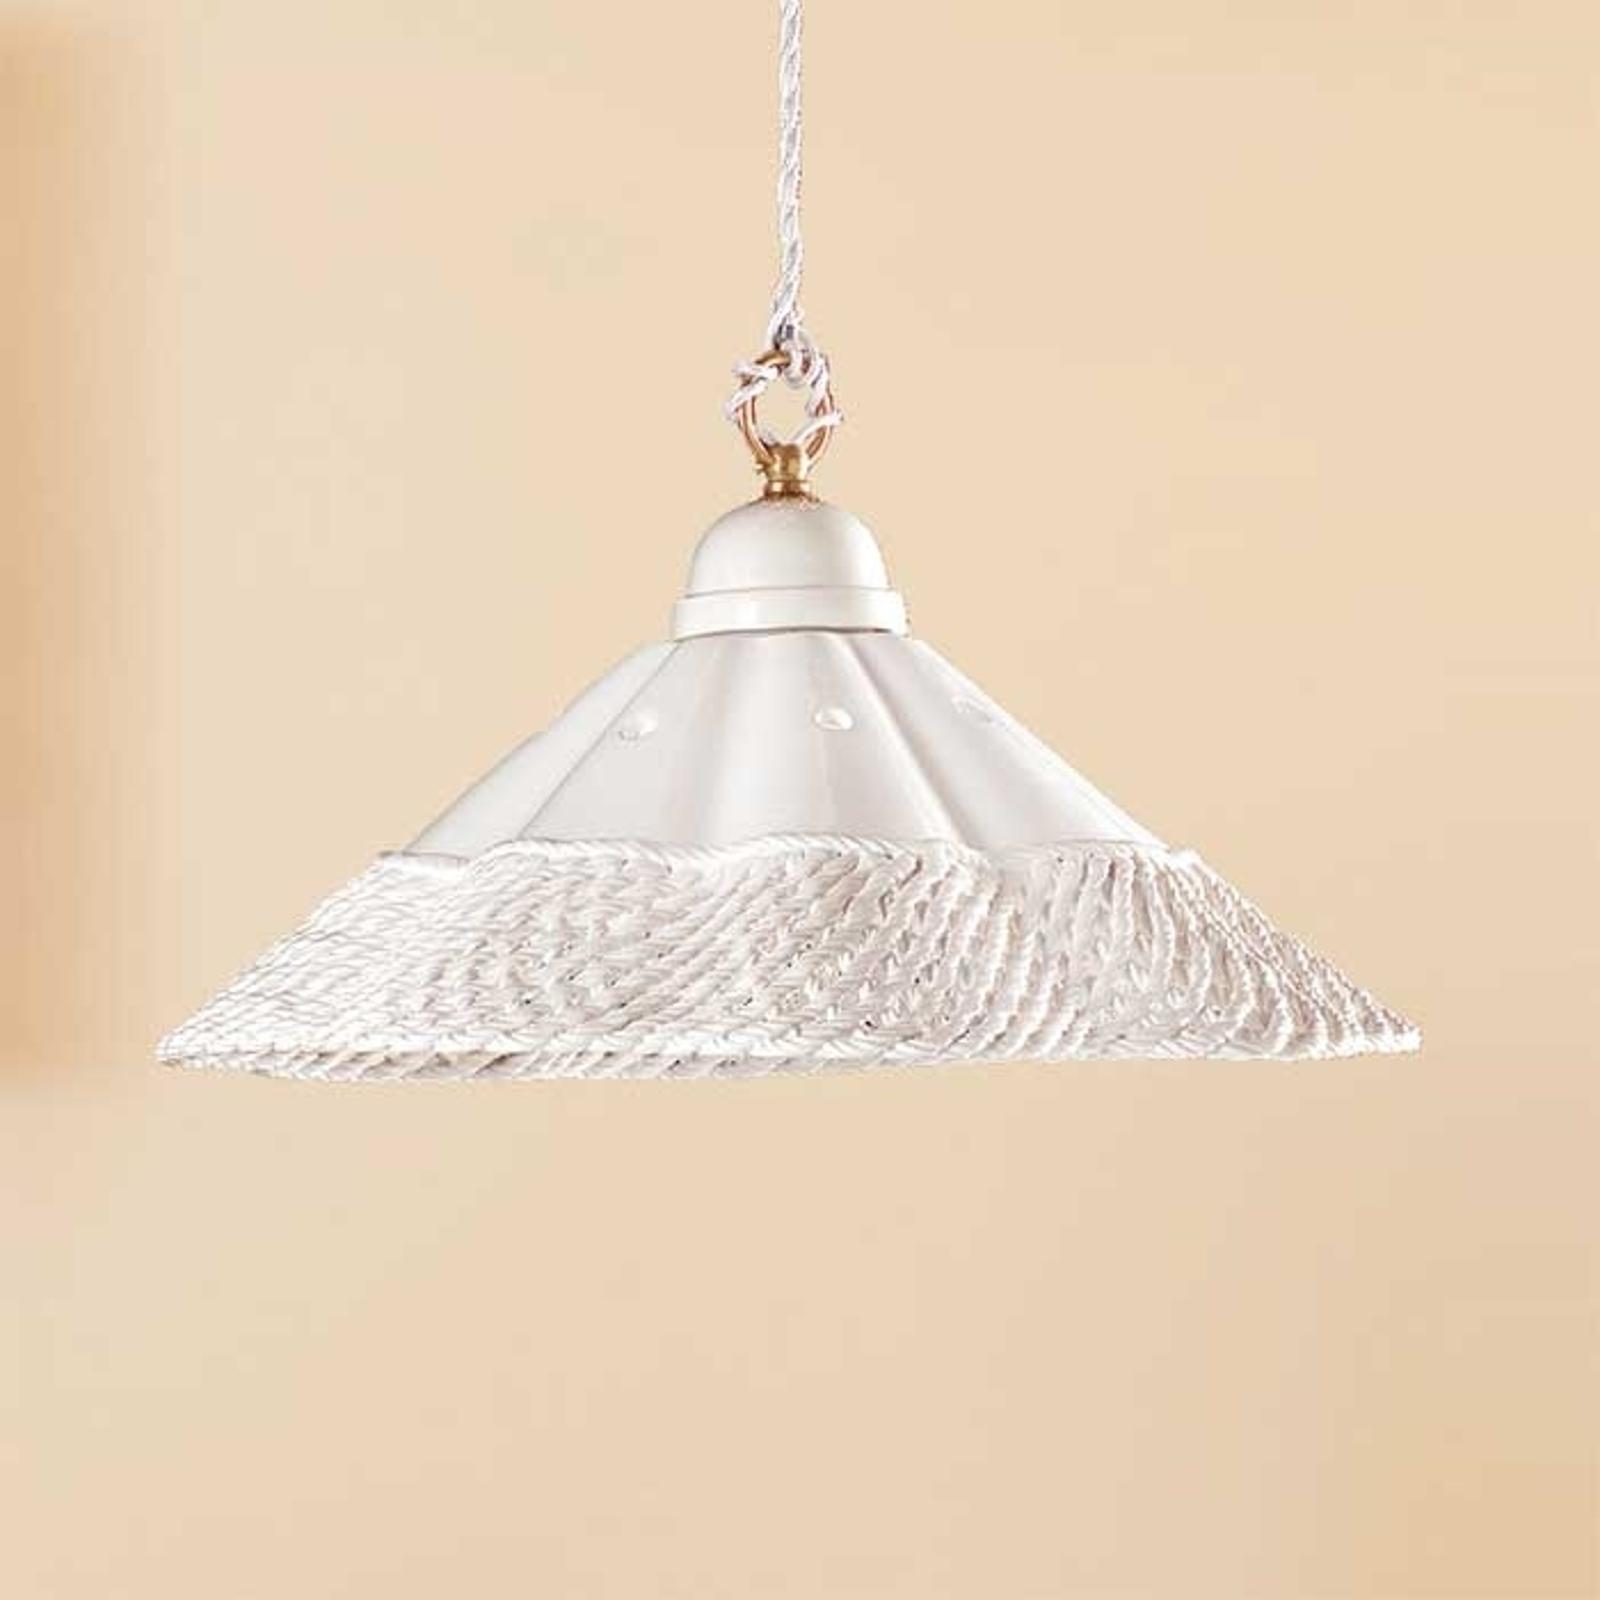 Lampa wisząca GONNELLA z dekoracyjnym brzegiem